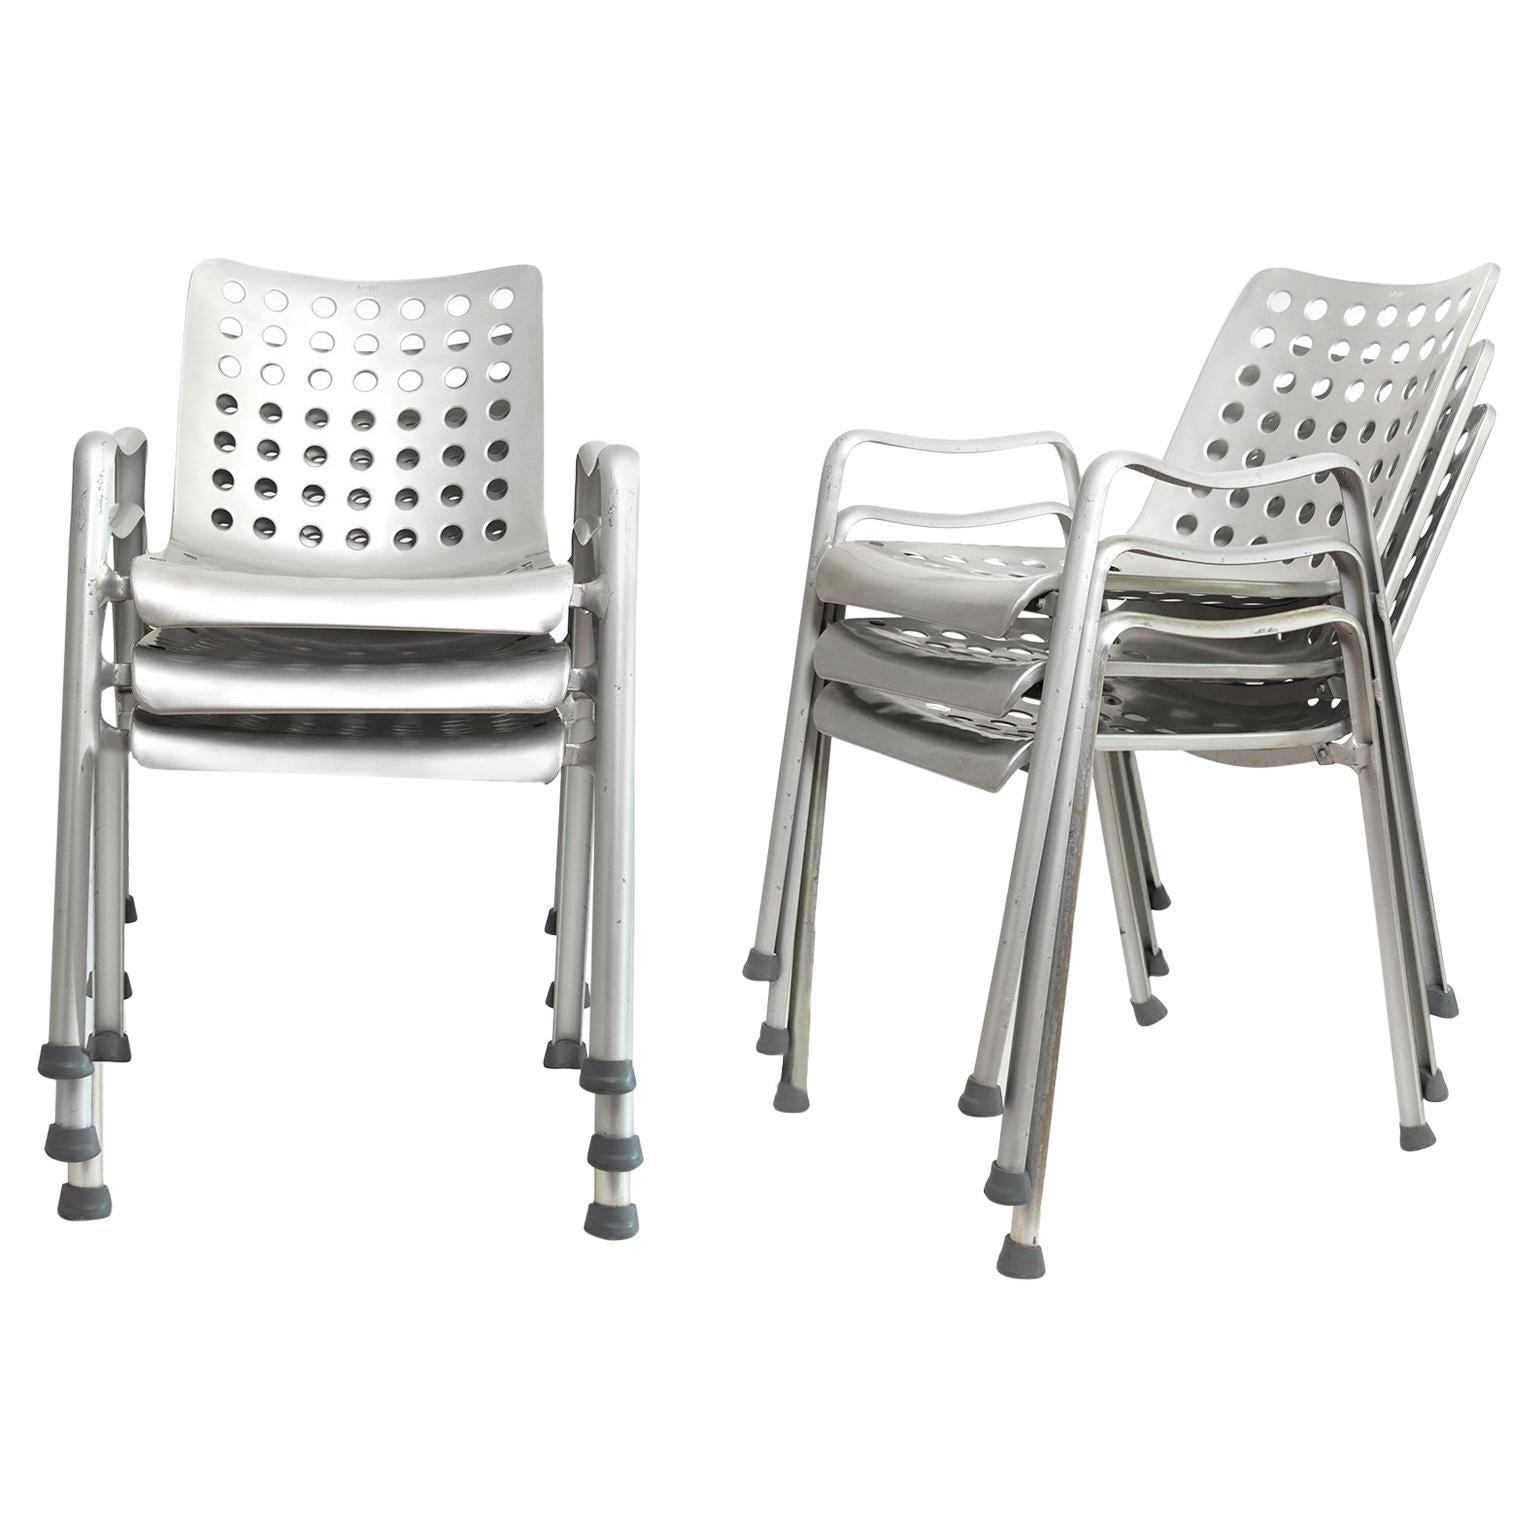 """6 Hans Coray """"Landi"""" Chairs Made by MEWA, Switzerland, 91 Holes"""